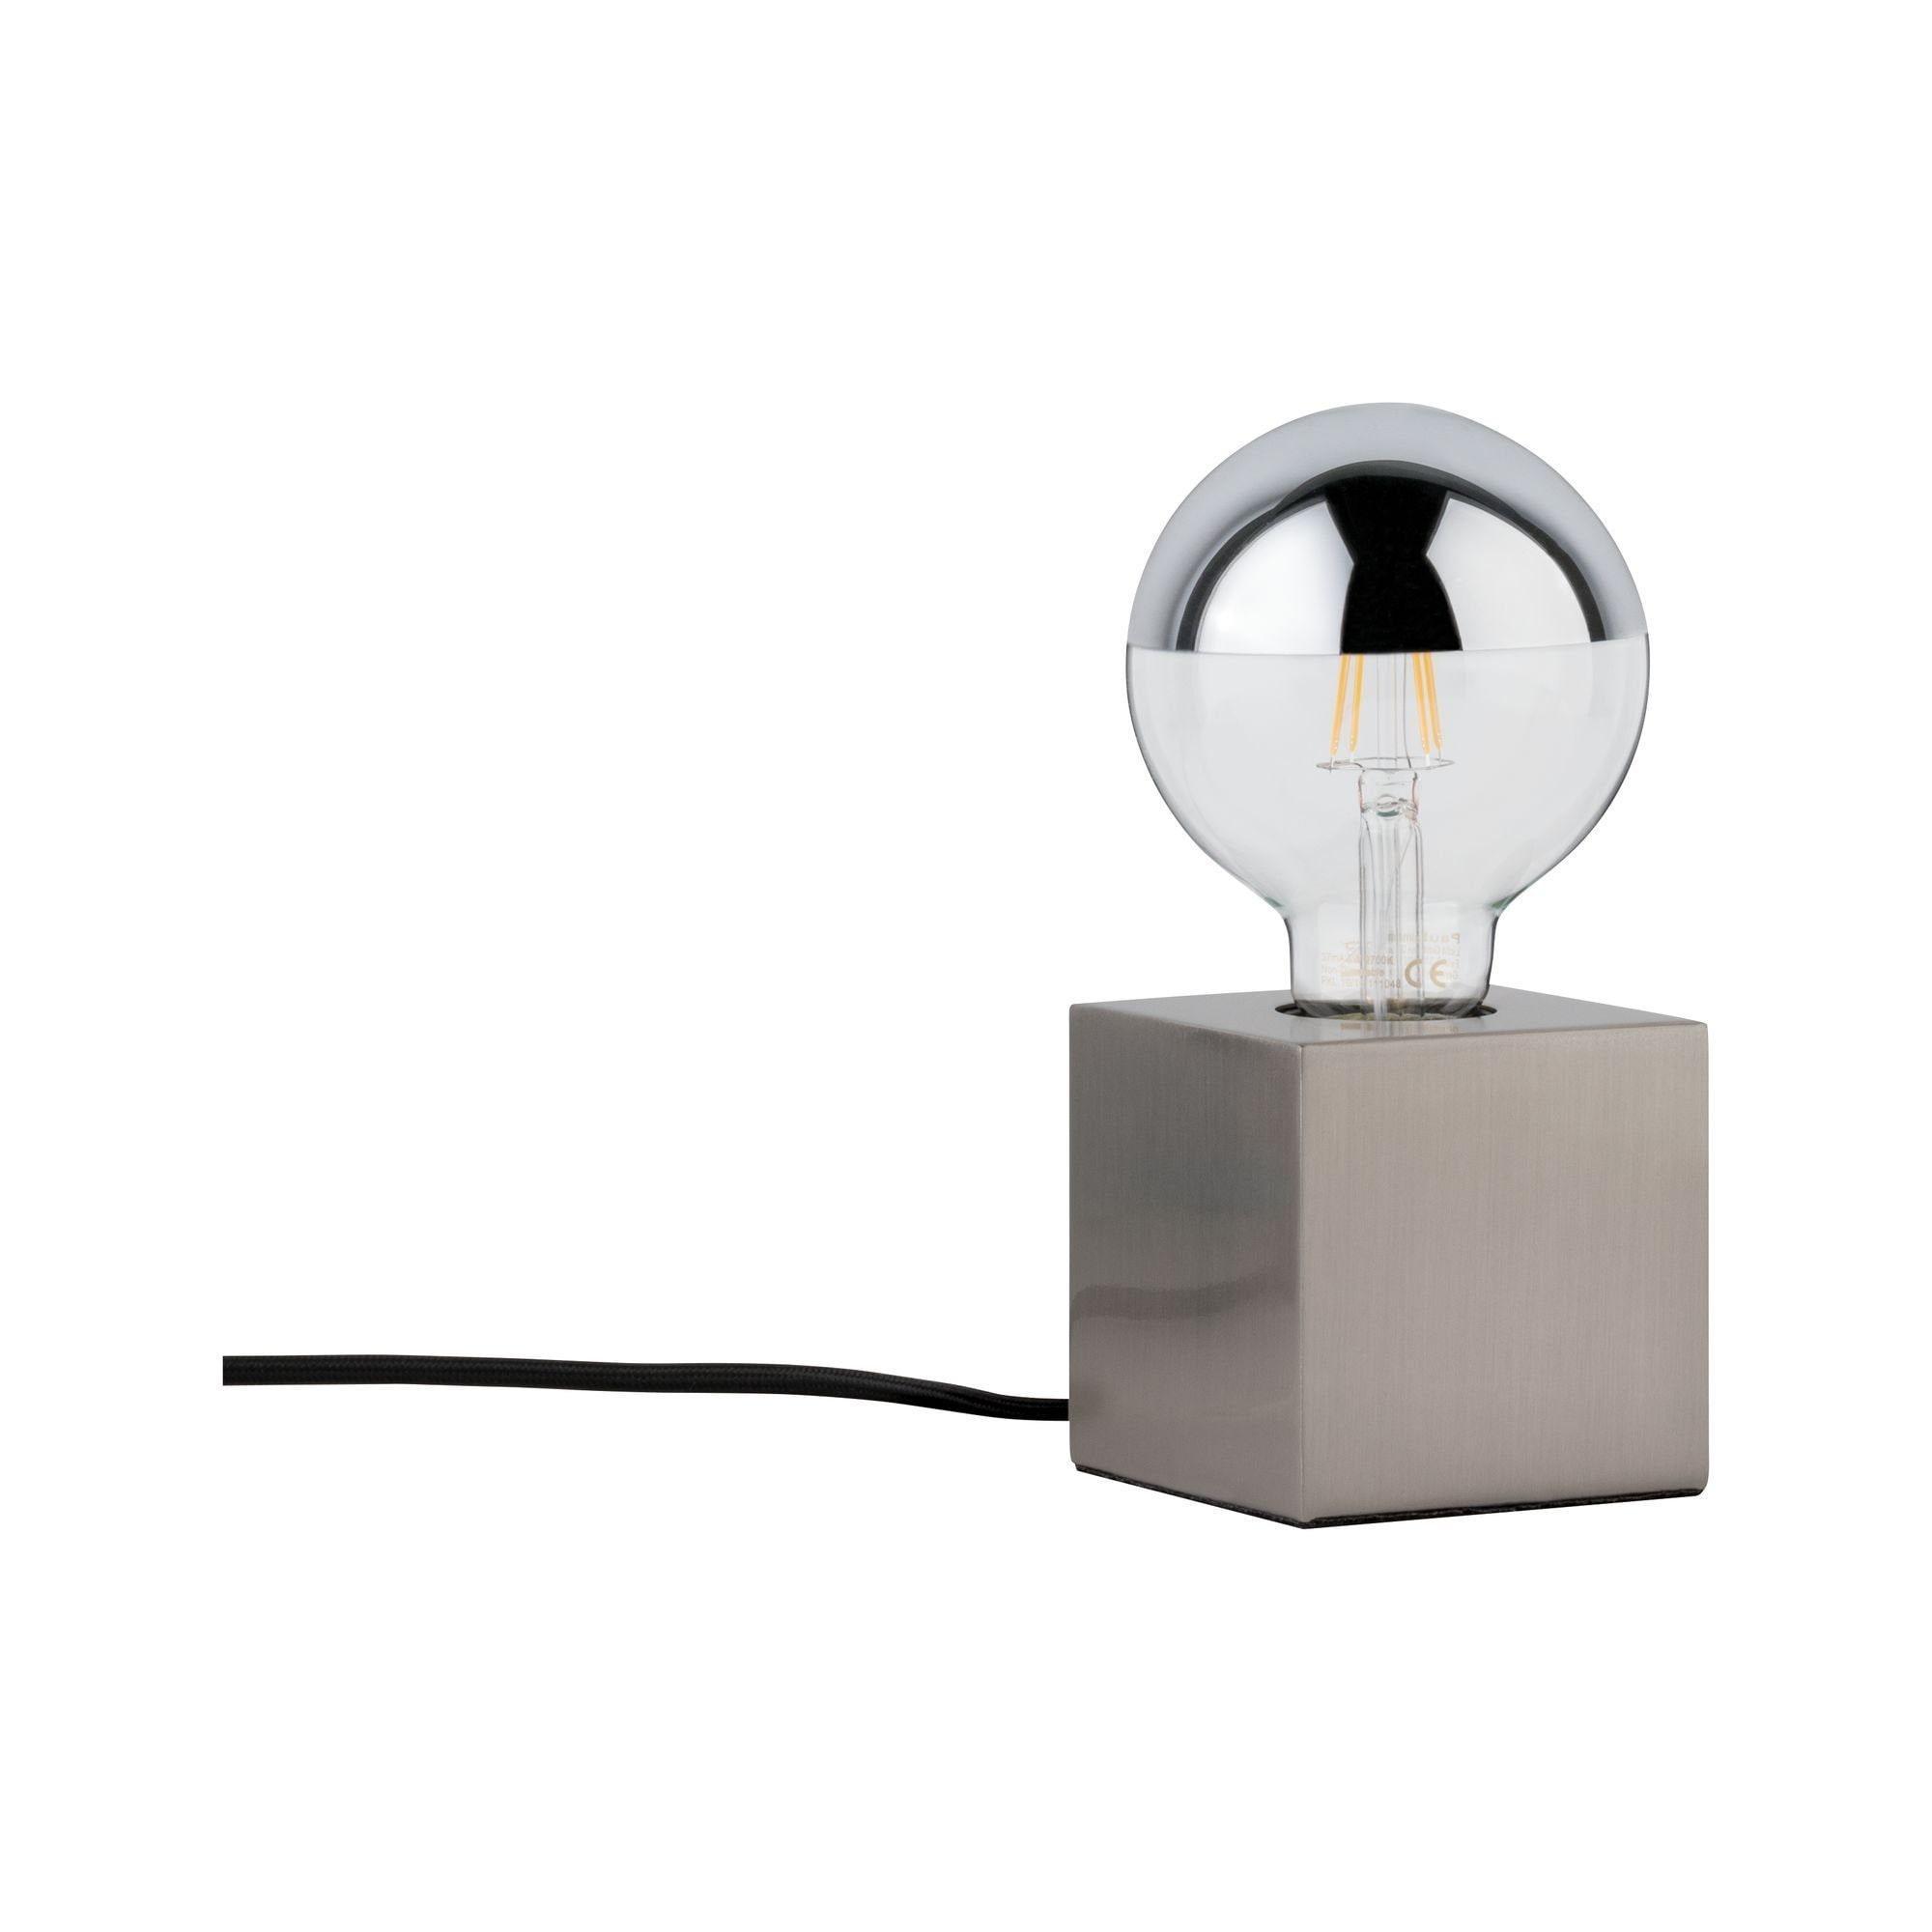 Paulmann LED Tischleuchte Kura Eisen gebürstet, max. 20W E27, E27, 1 St.